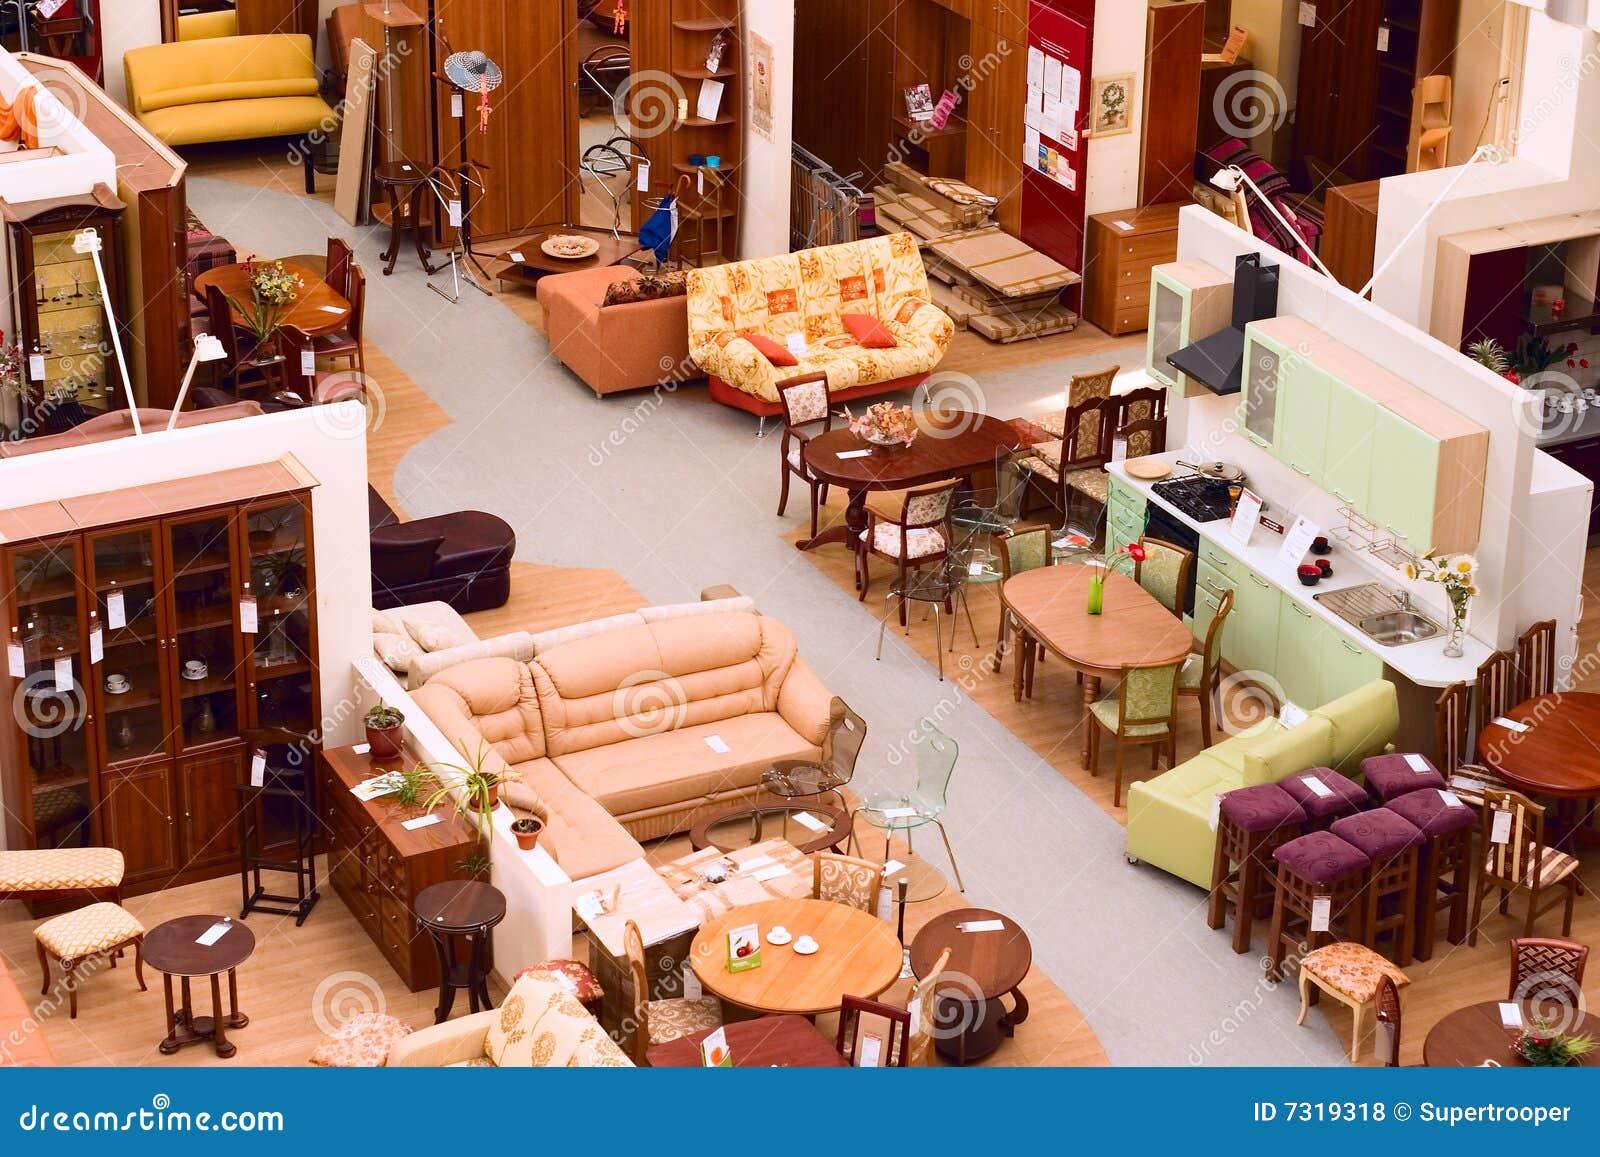 Tiendas De Muebles En Azpeitia Cheap Muebles Lufe Rebautizada  # Muebles Bijota Azpeitia